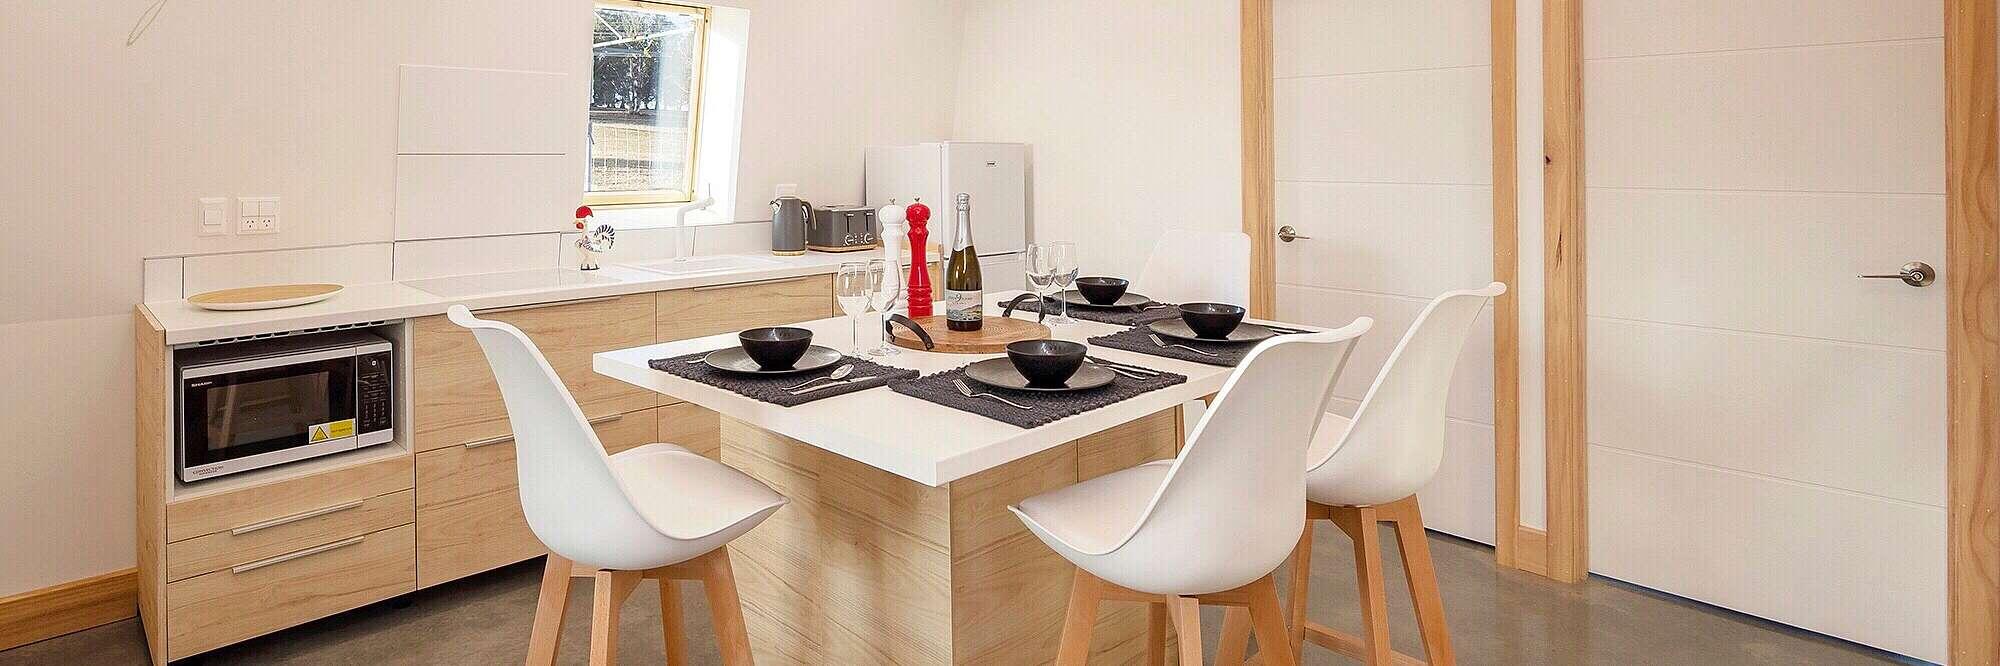 Modern dinning kitchen